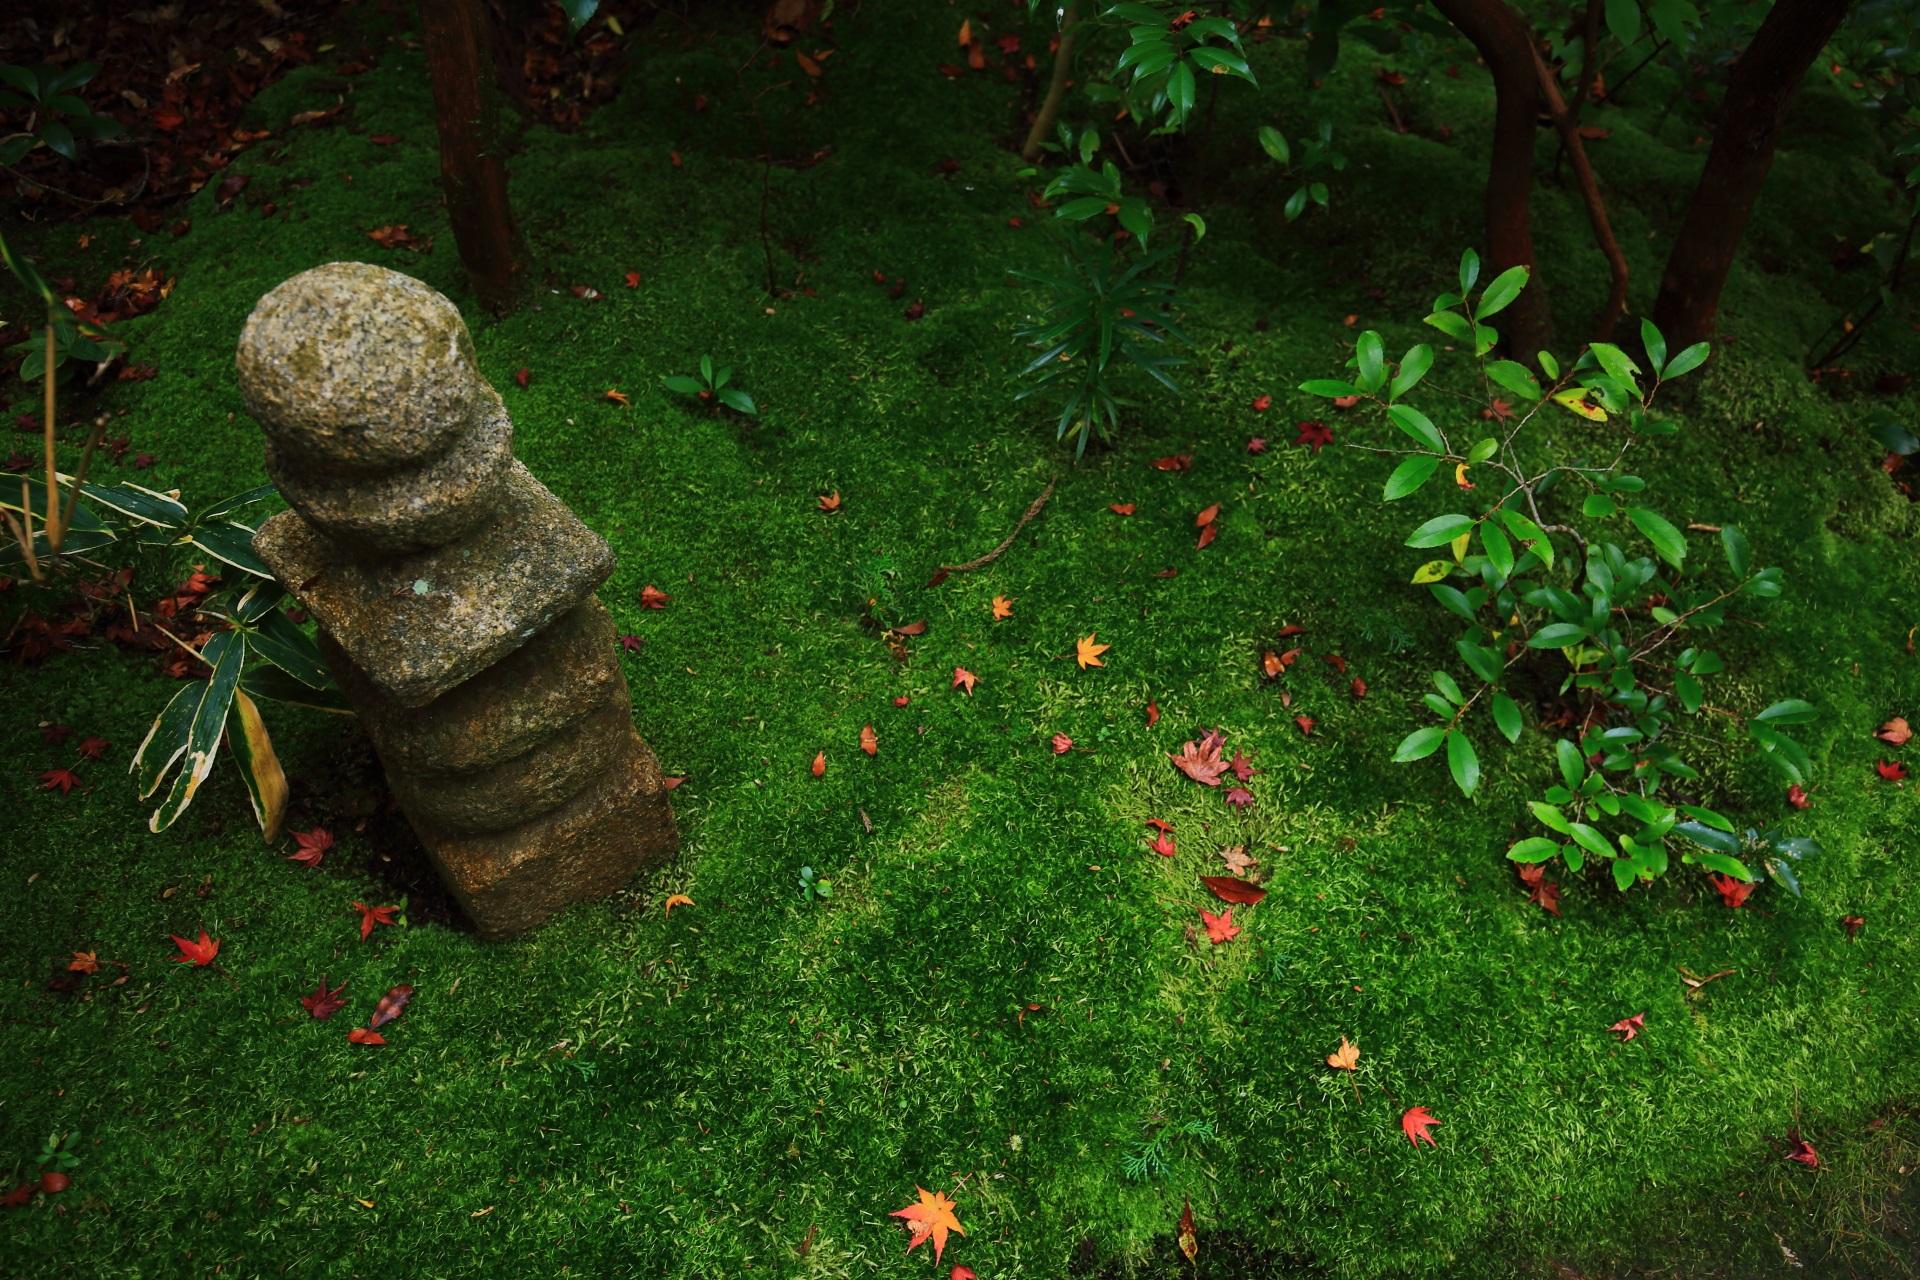 含翠庭の見事な緑の苔と華やかな散り紅葉